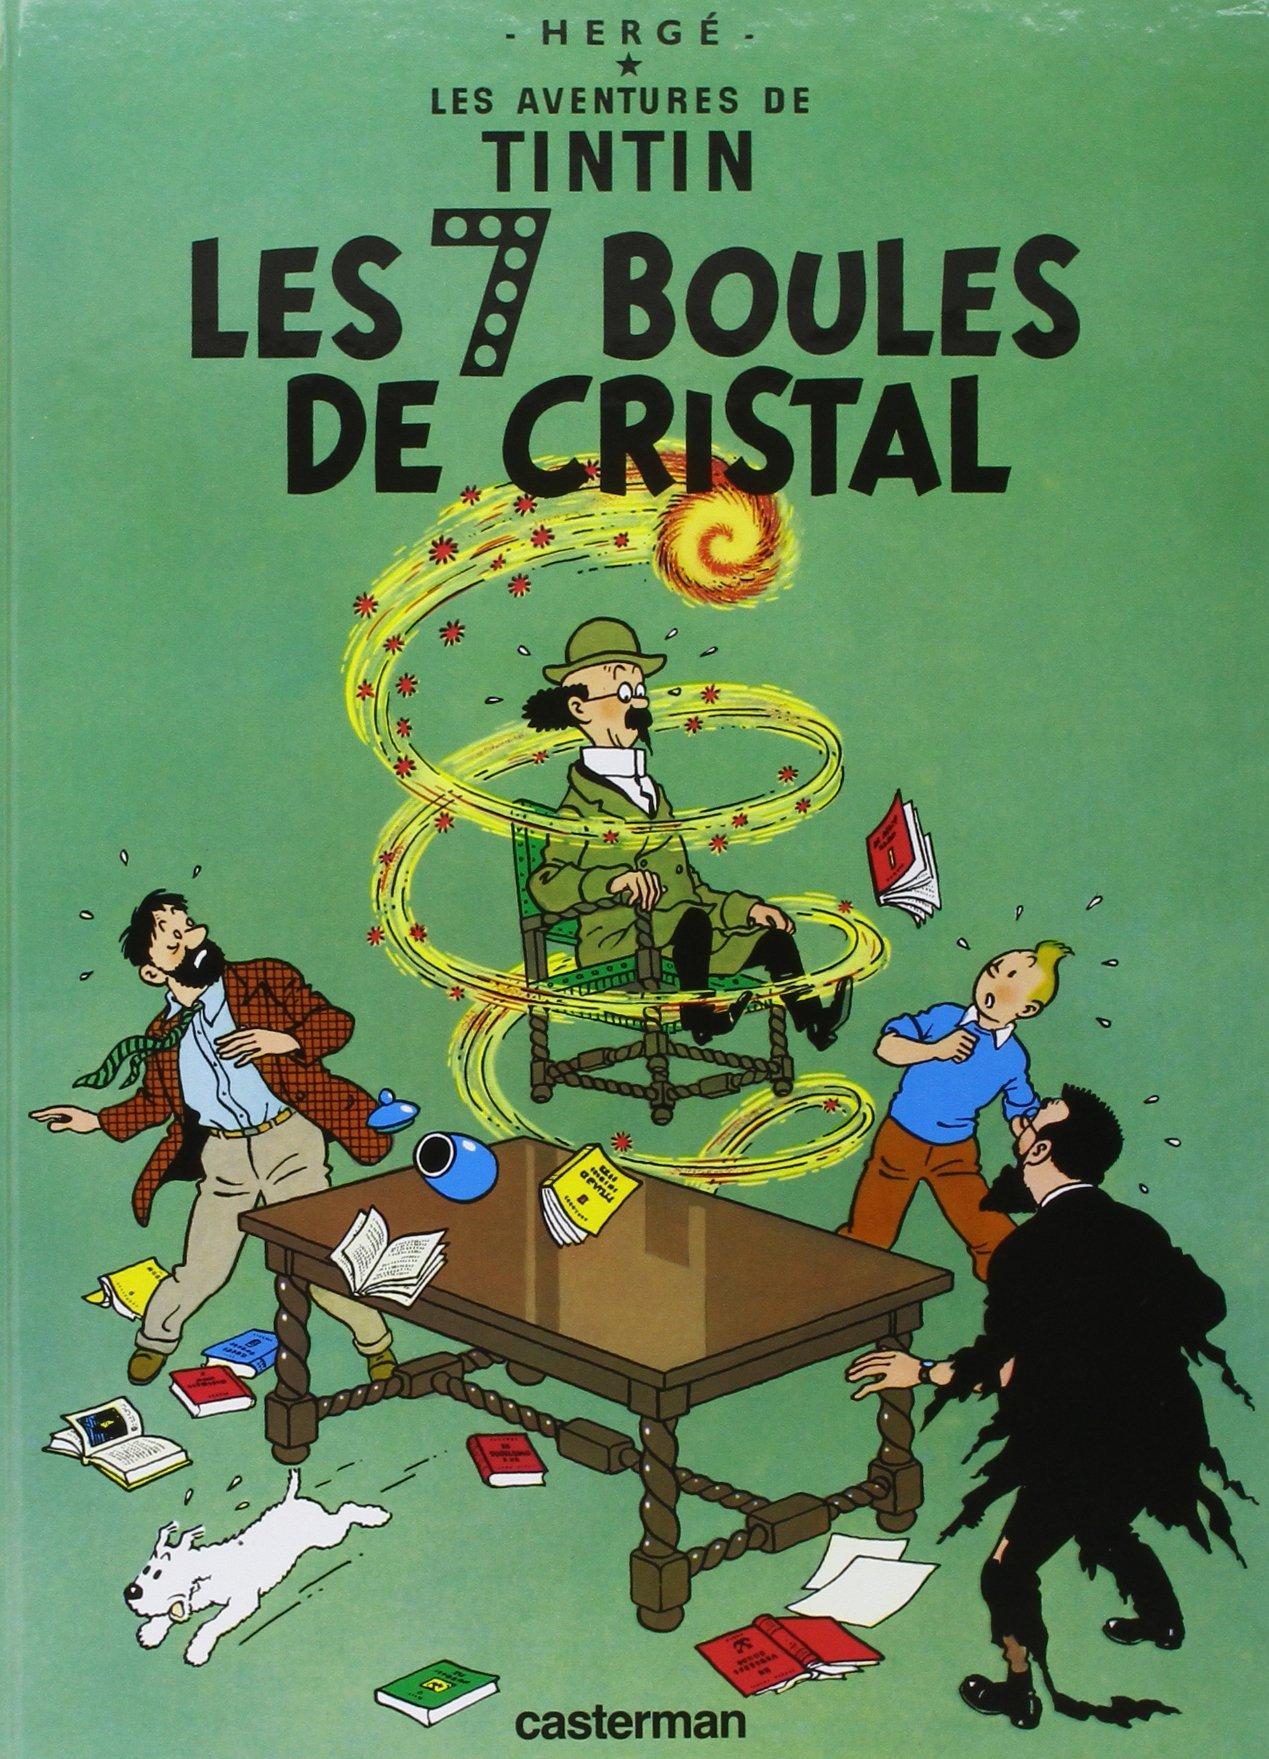 Les Aventures de Tintin, Tome 13 : Les sept boules de cristal Relié – 4 mai 1993 Hergé Casterman 2203001127 Children: Grades 4-6